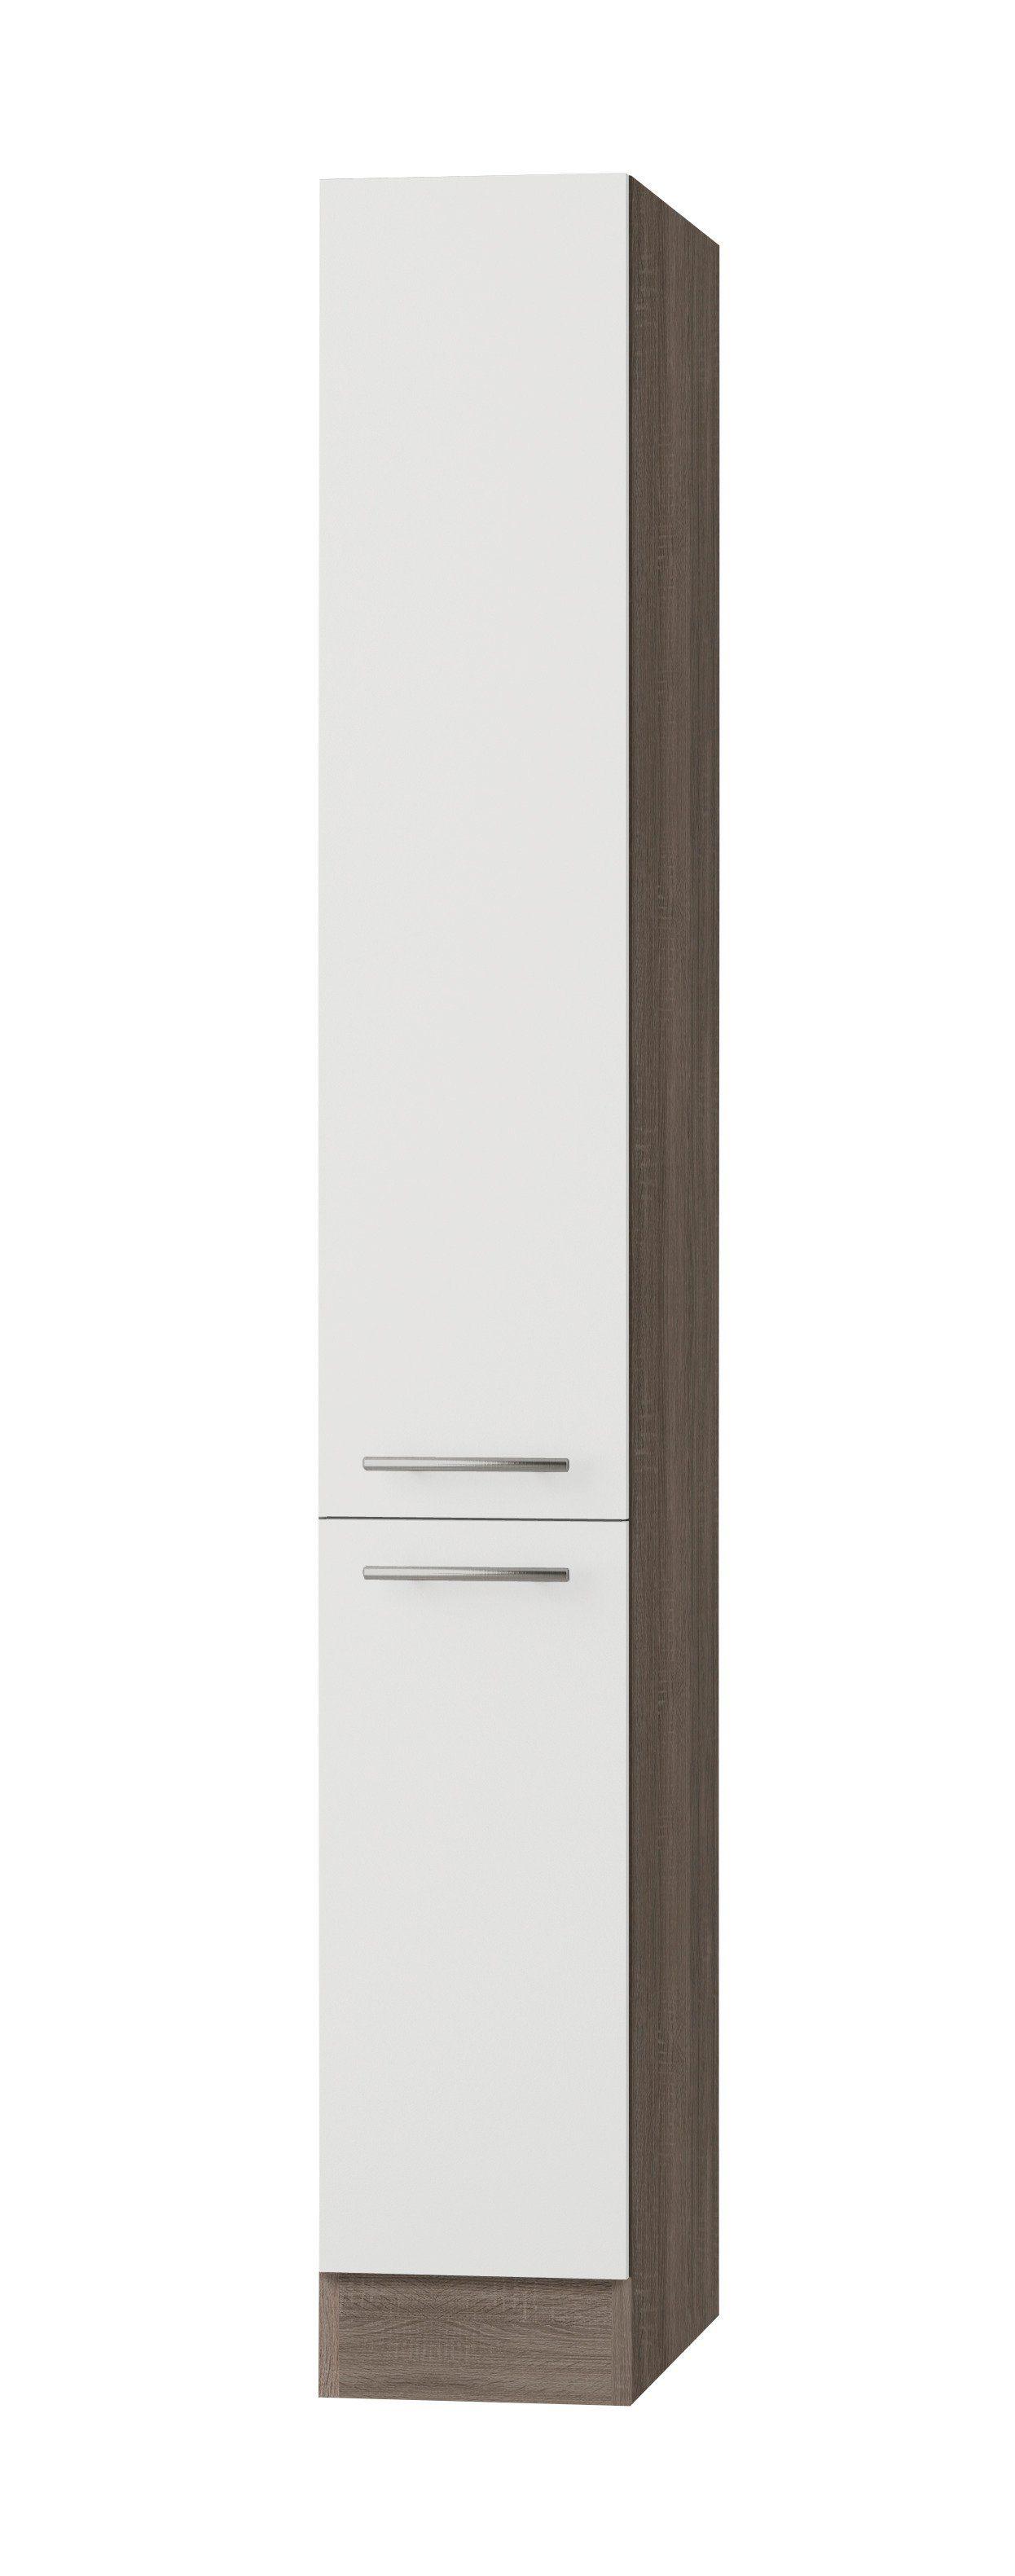 Apothekerschrank »Rabat«, Höhe 206,8 cm